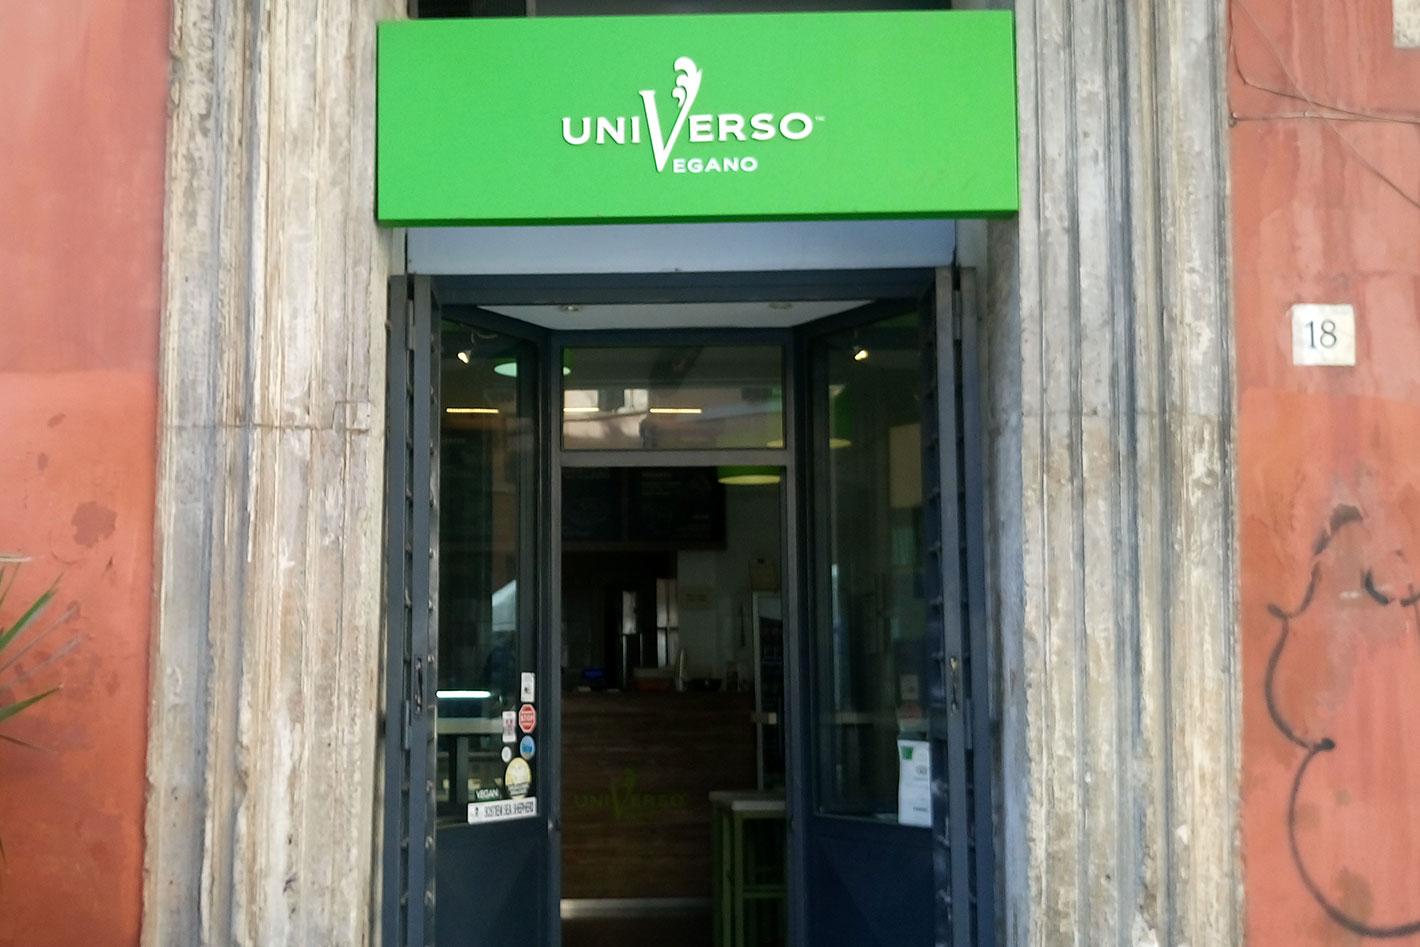 vegan Essen in Rom im Universo Vegano, von außen